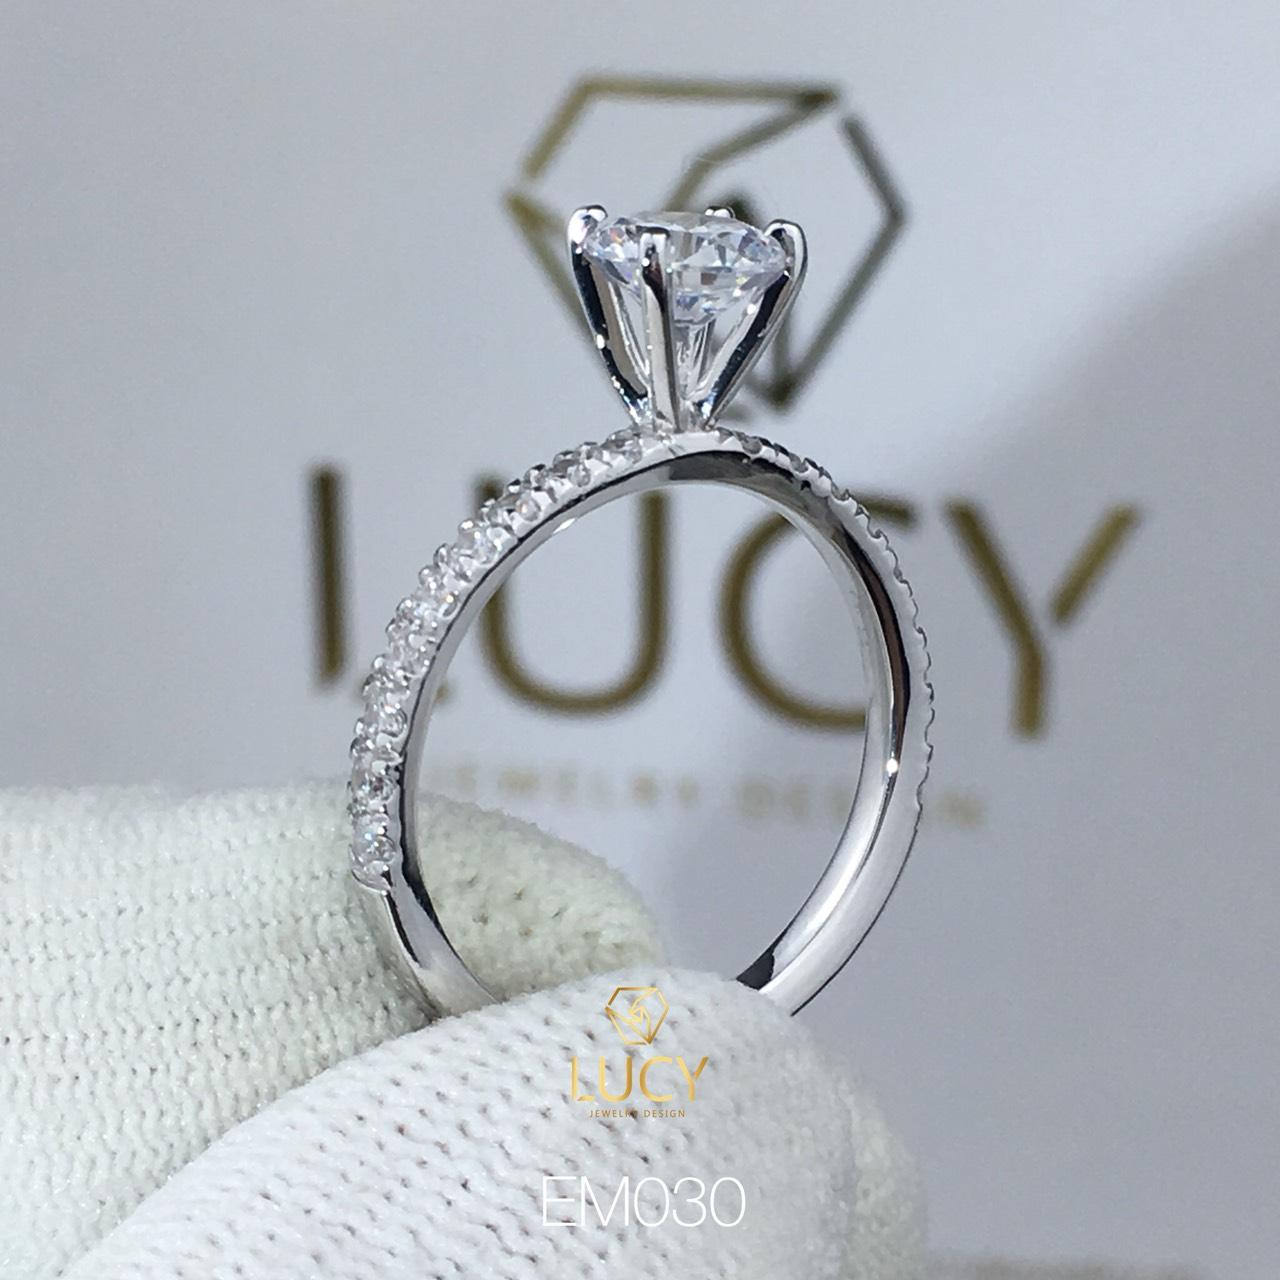 EM030 Nhẫn nữ ổ cao, nhẫn vàng, nhẫn thiết kế, nhẫn cầu hôn, nhẫn đính hôn - Lucy Jewelry